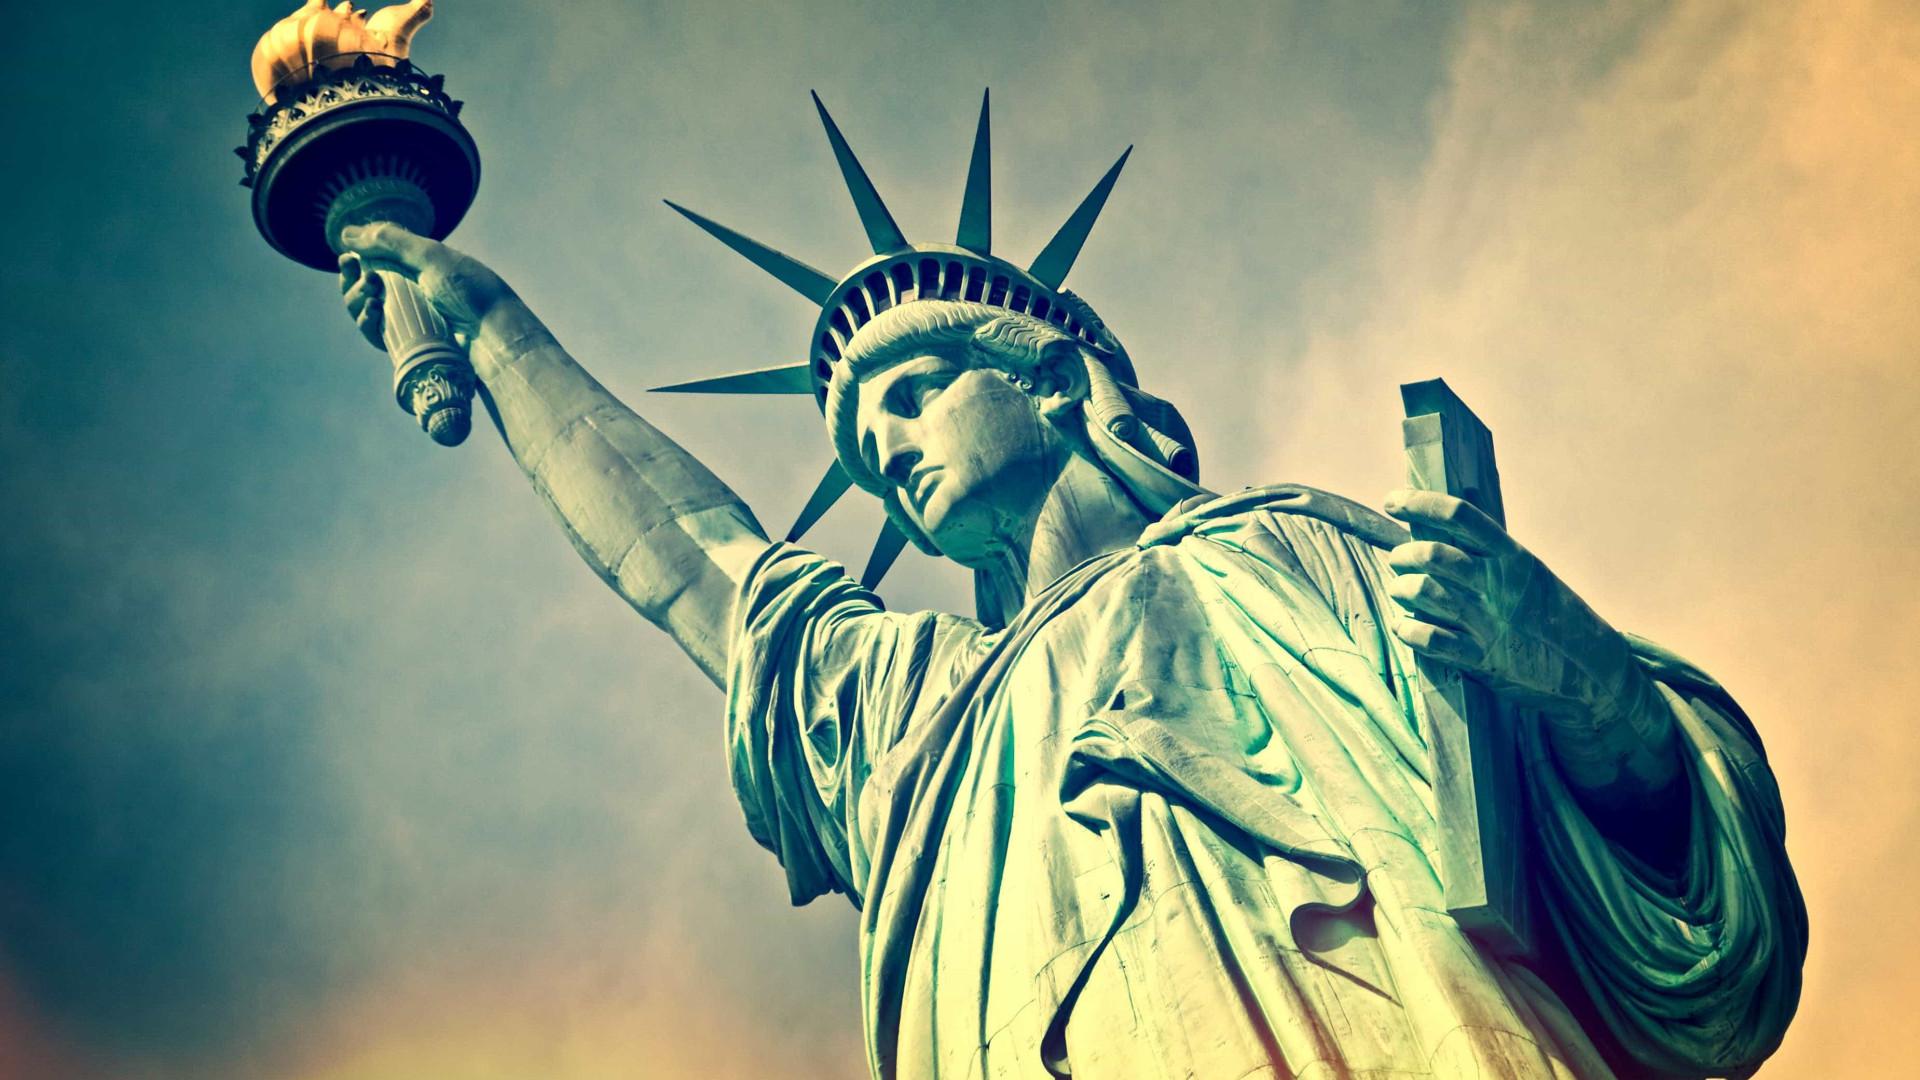 Novo Museu da Estátua da Liberdade será inaugurado em 2019